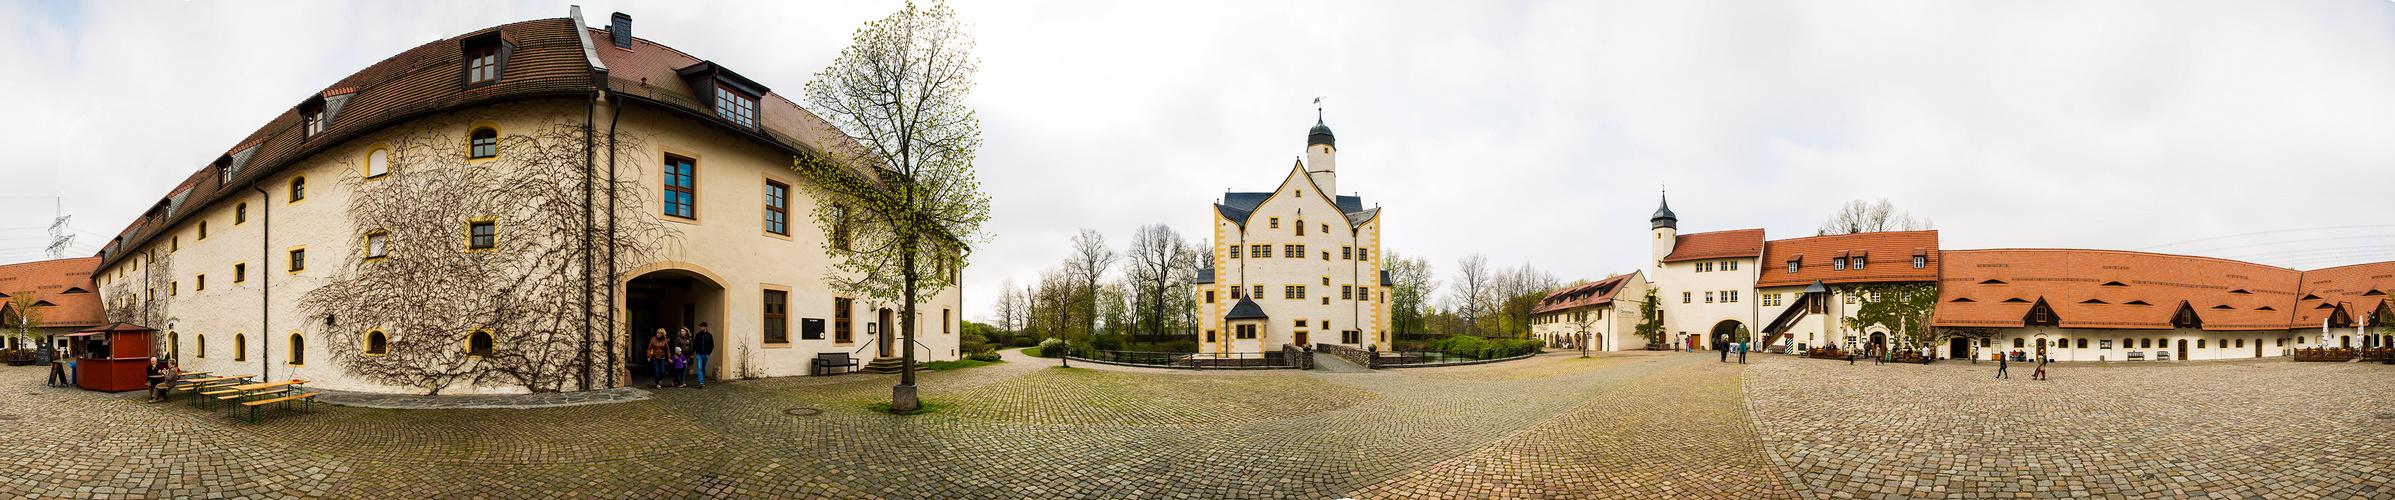 Wasserschloß Klaffenbach bei Chemnitz